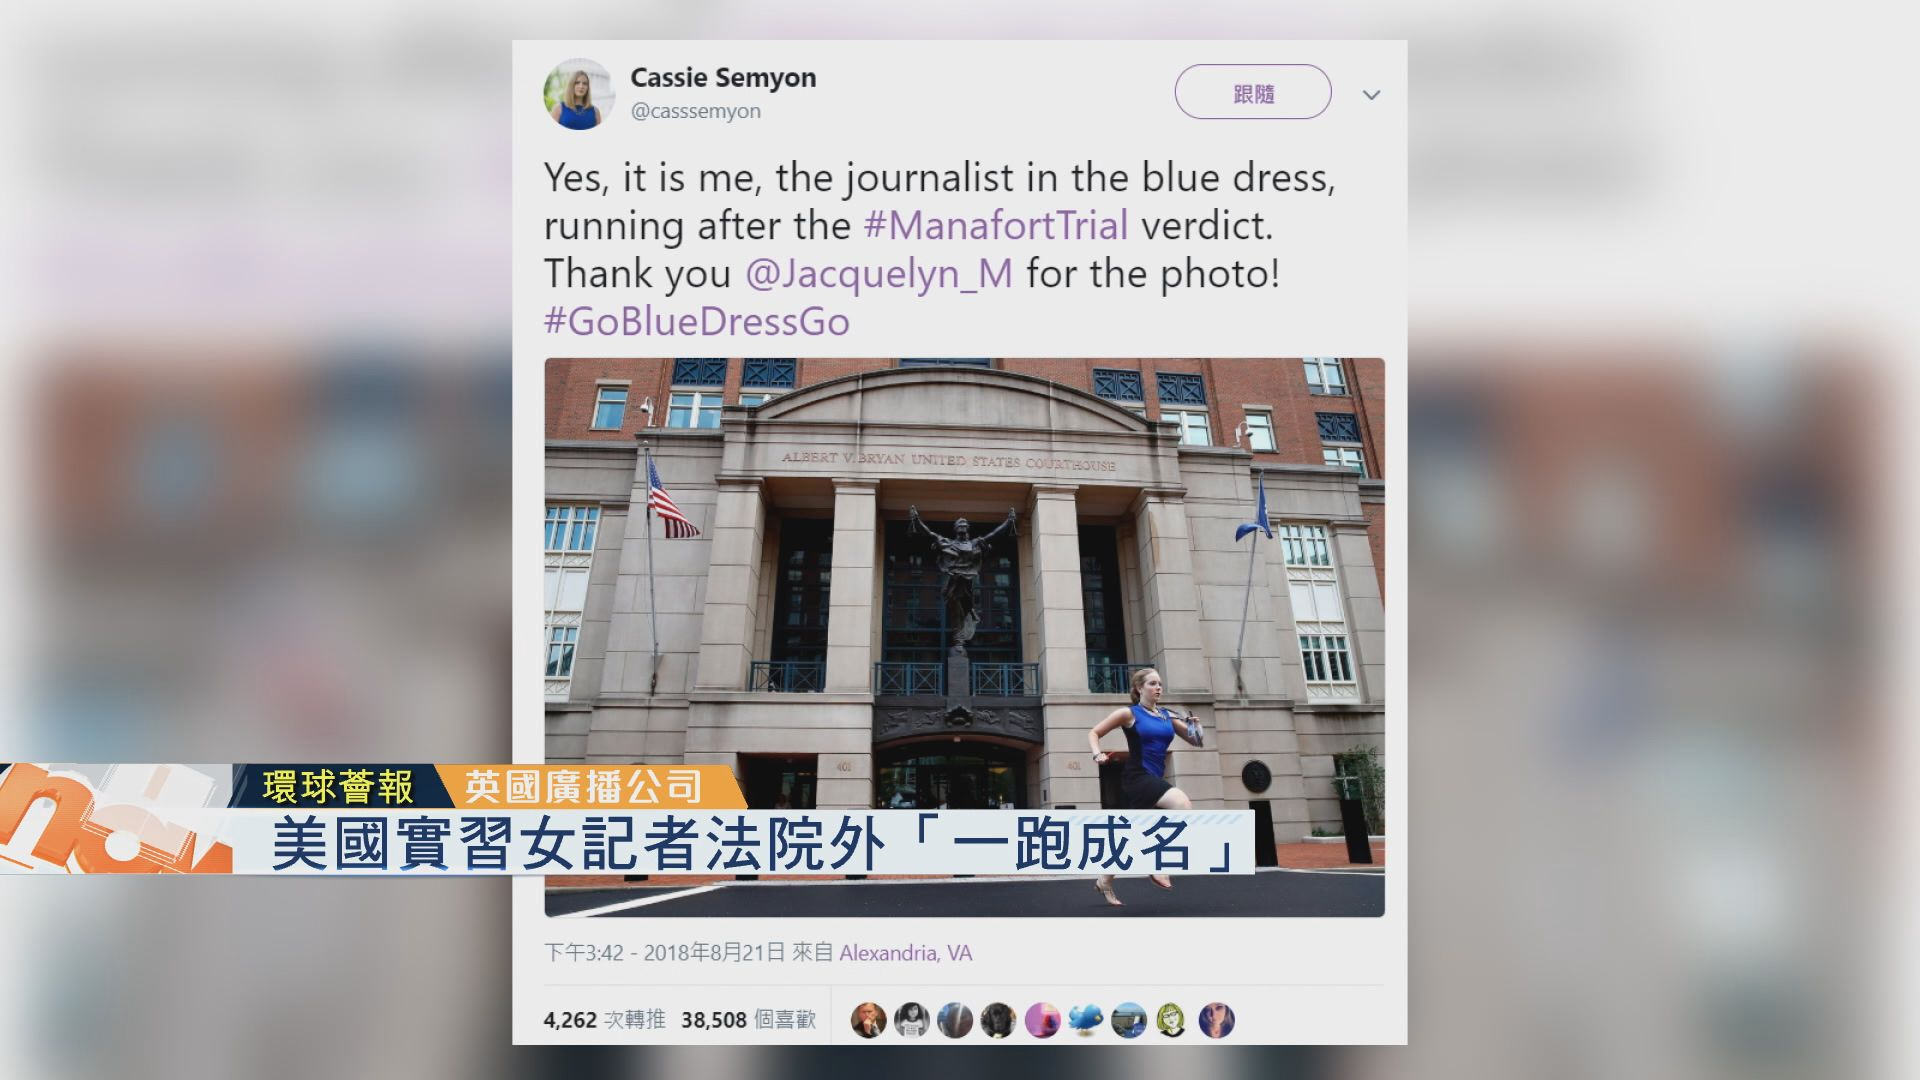 【環球薈報】美國實習女記者法院外「一跑成名」